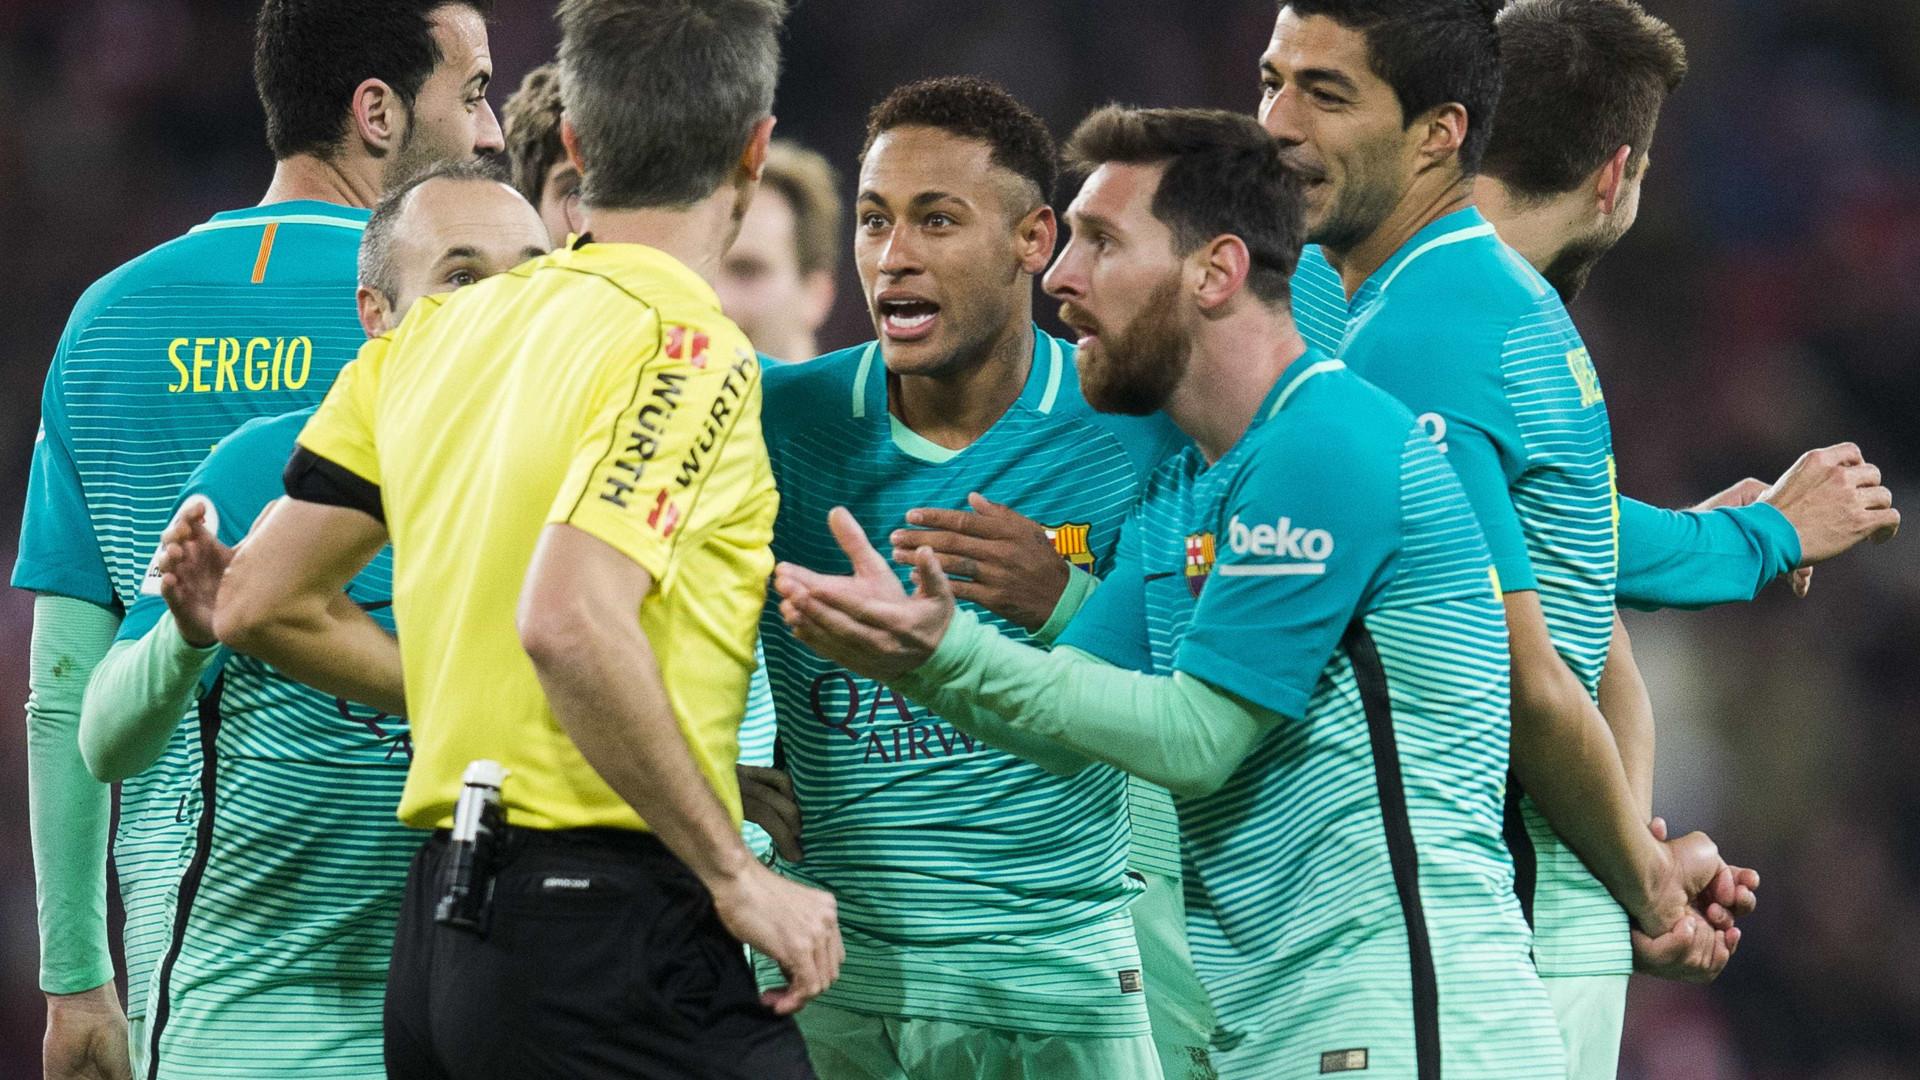 Viagem relâmpago ao Porto pode custar caro a Neymar